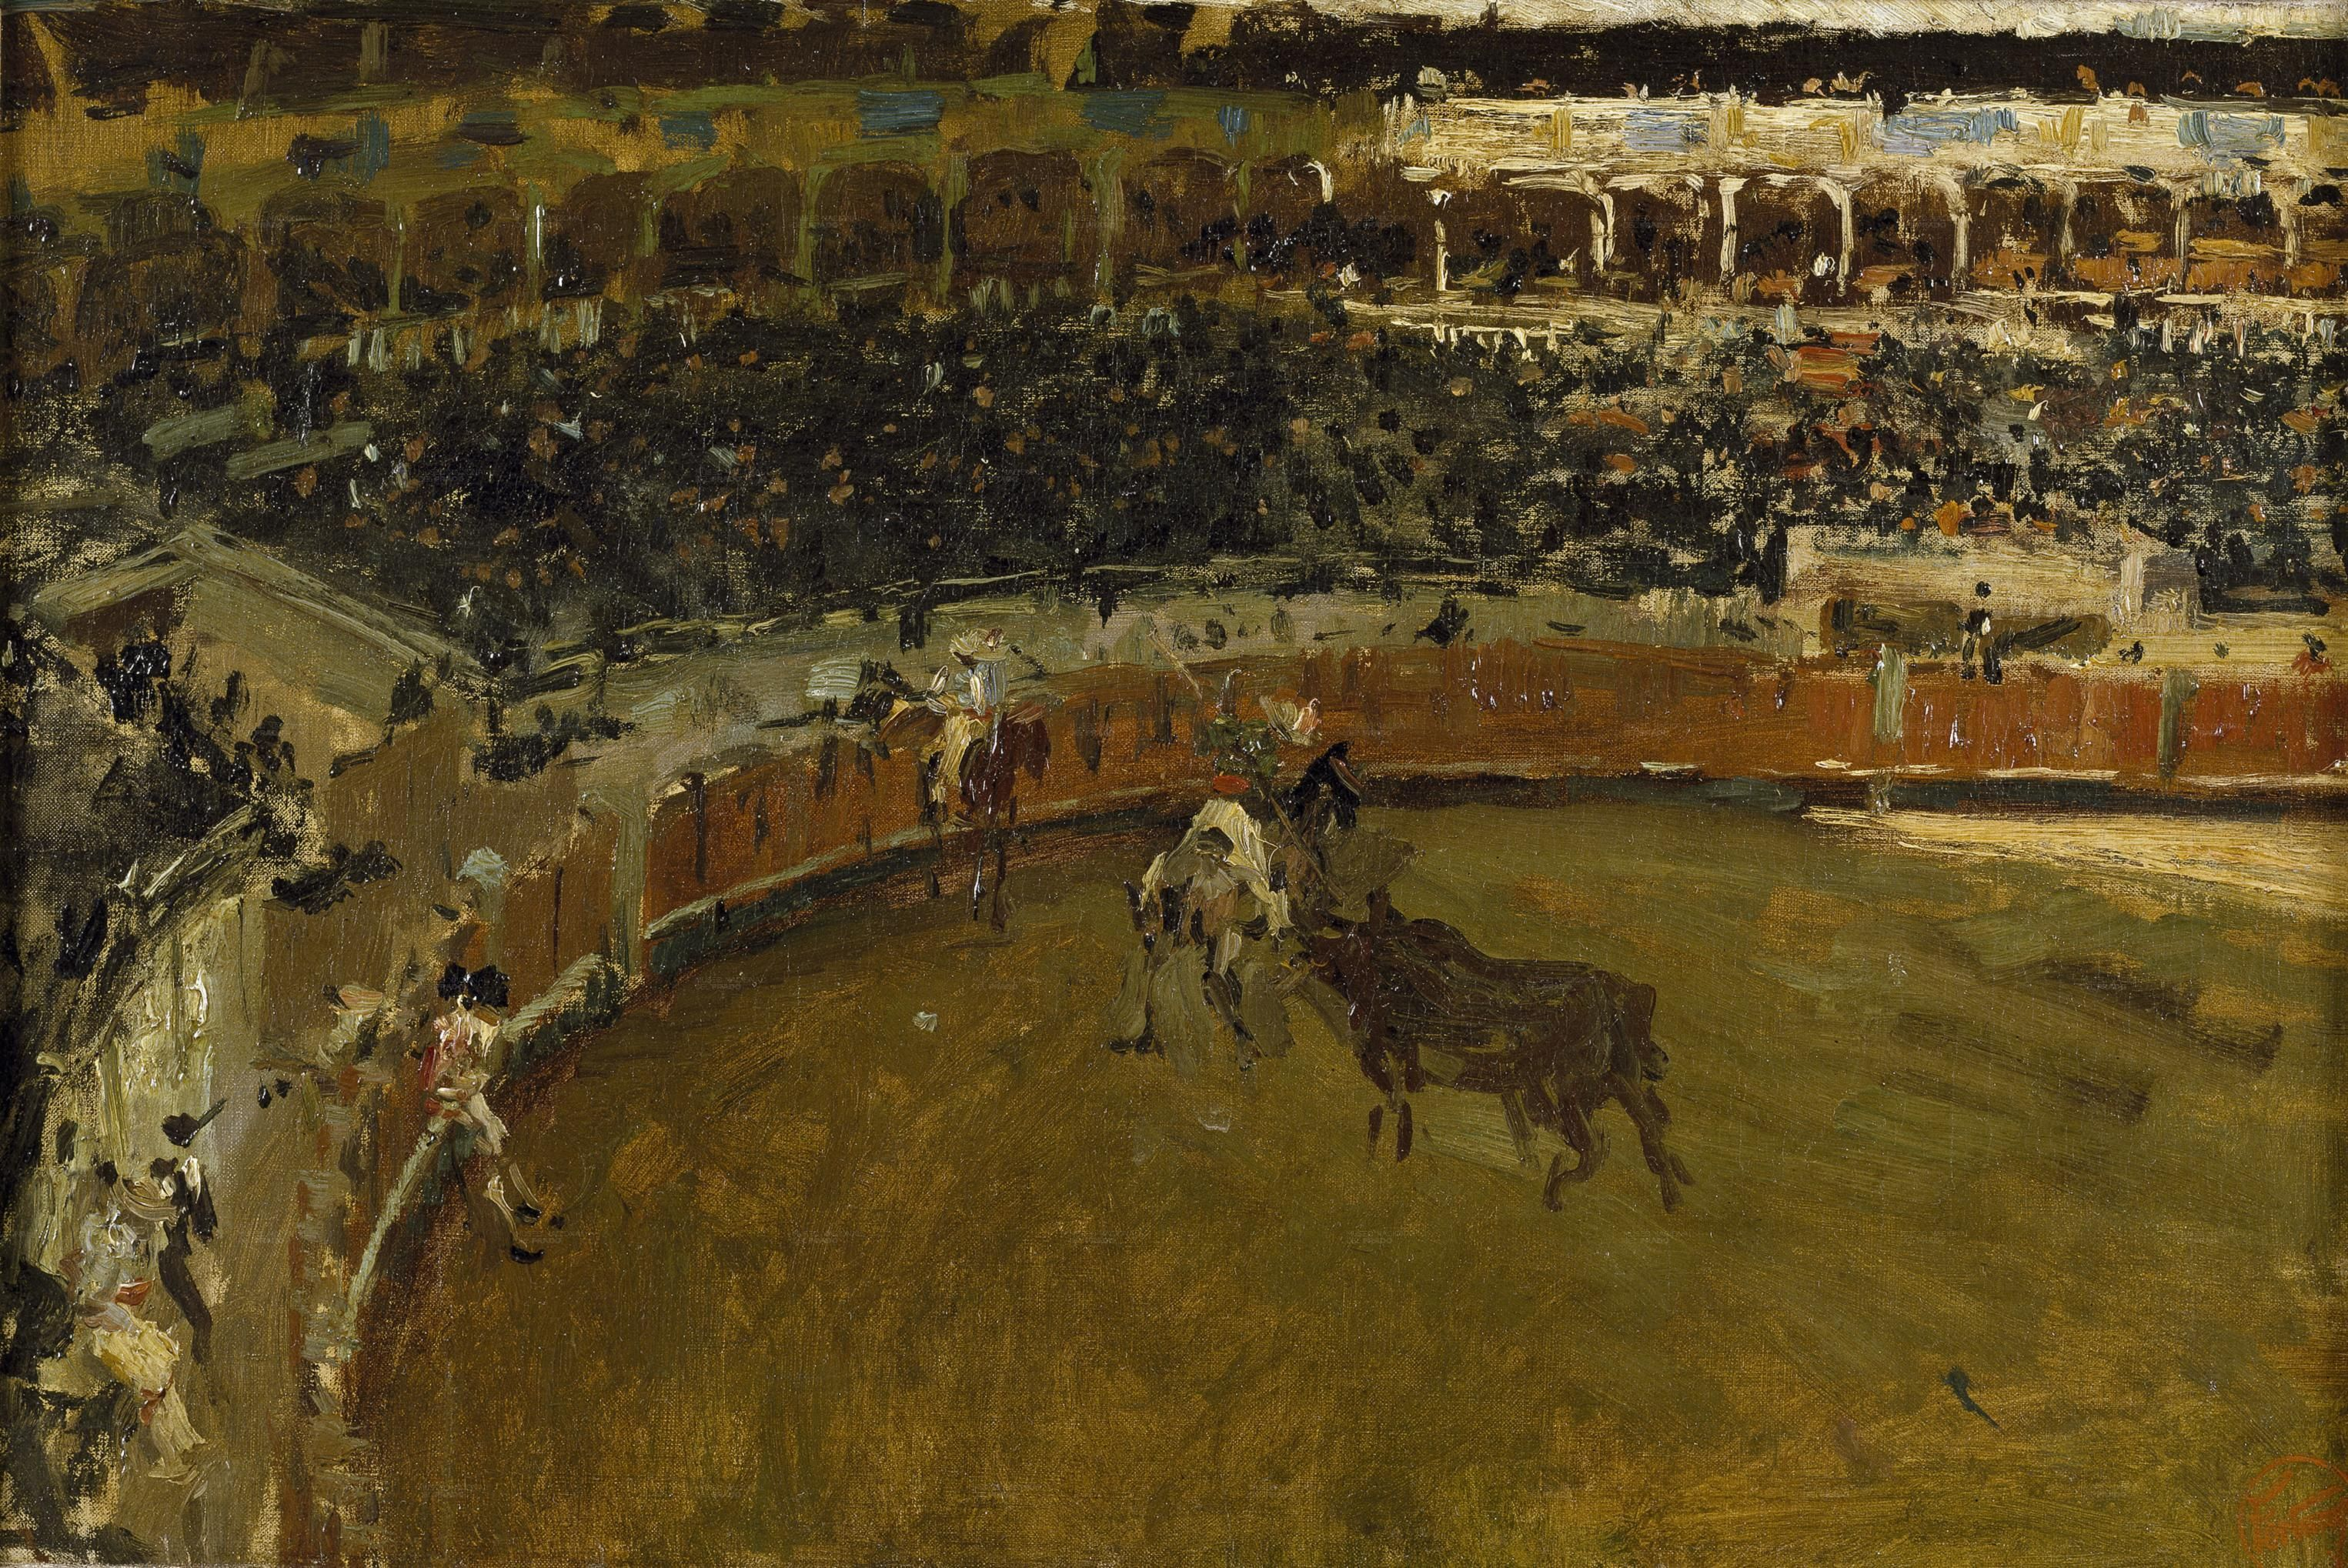 La corrida de toros - Mariano Fortuny, 1869